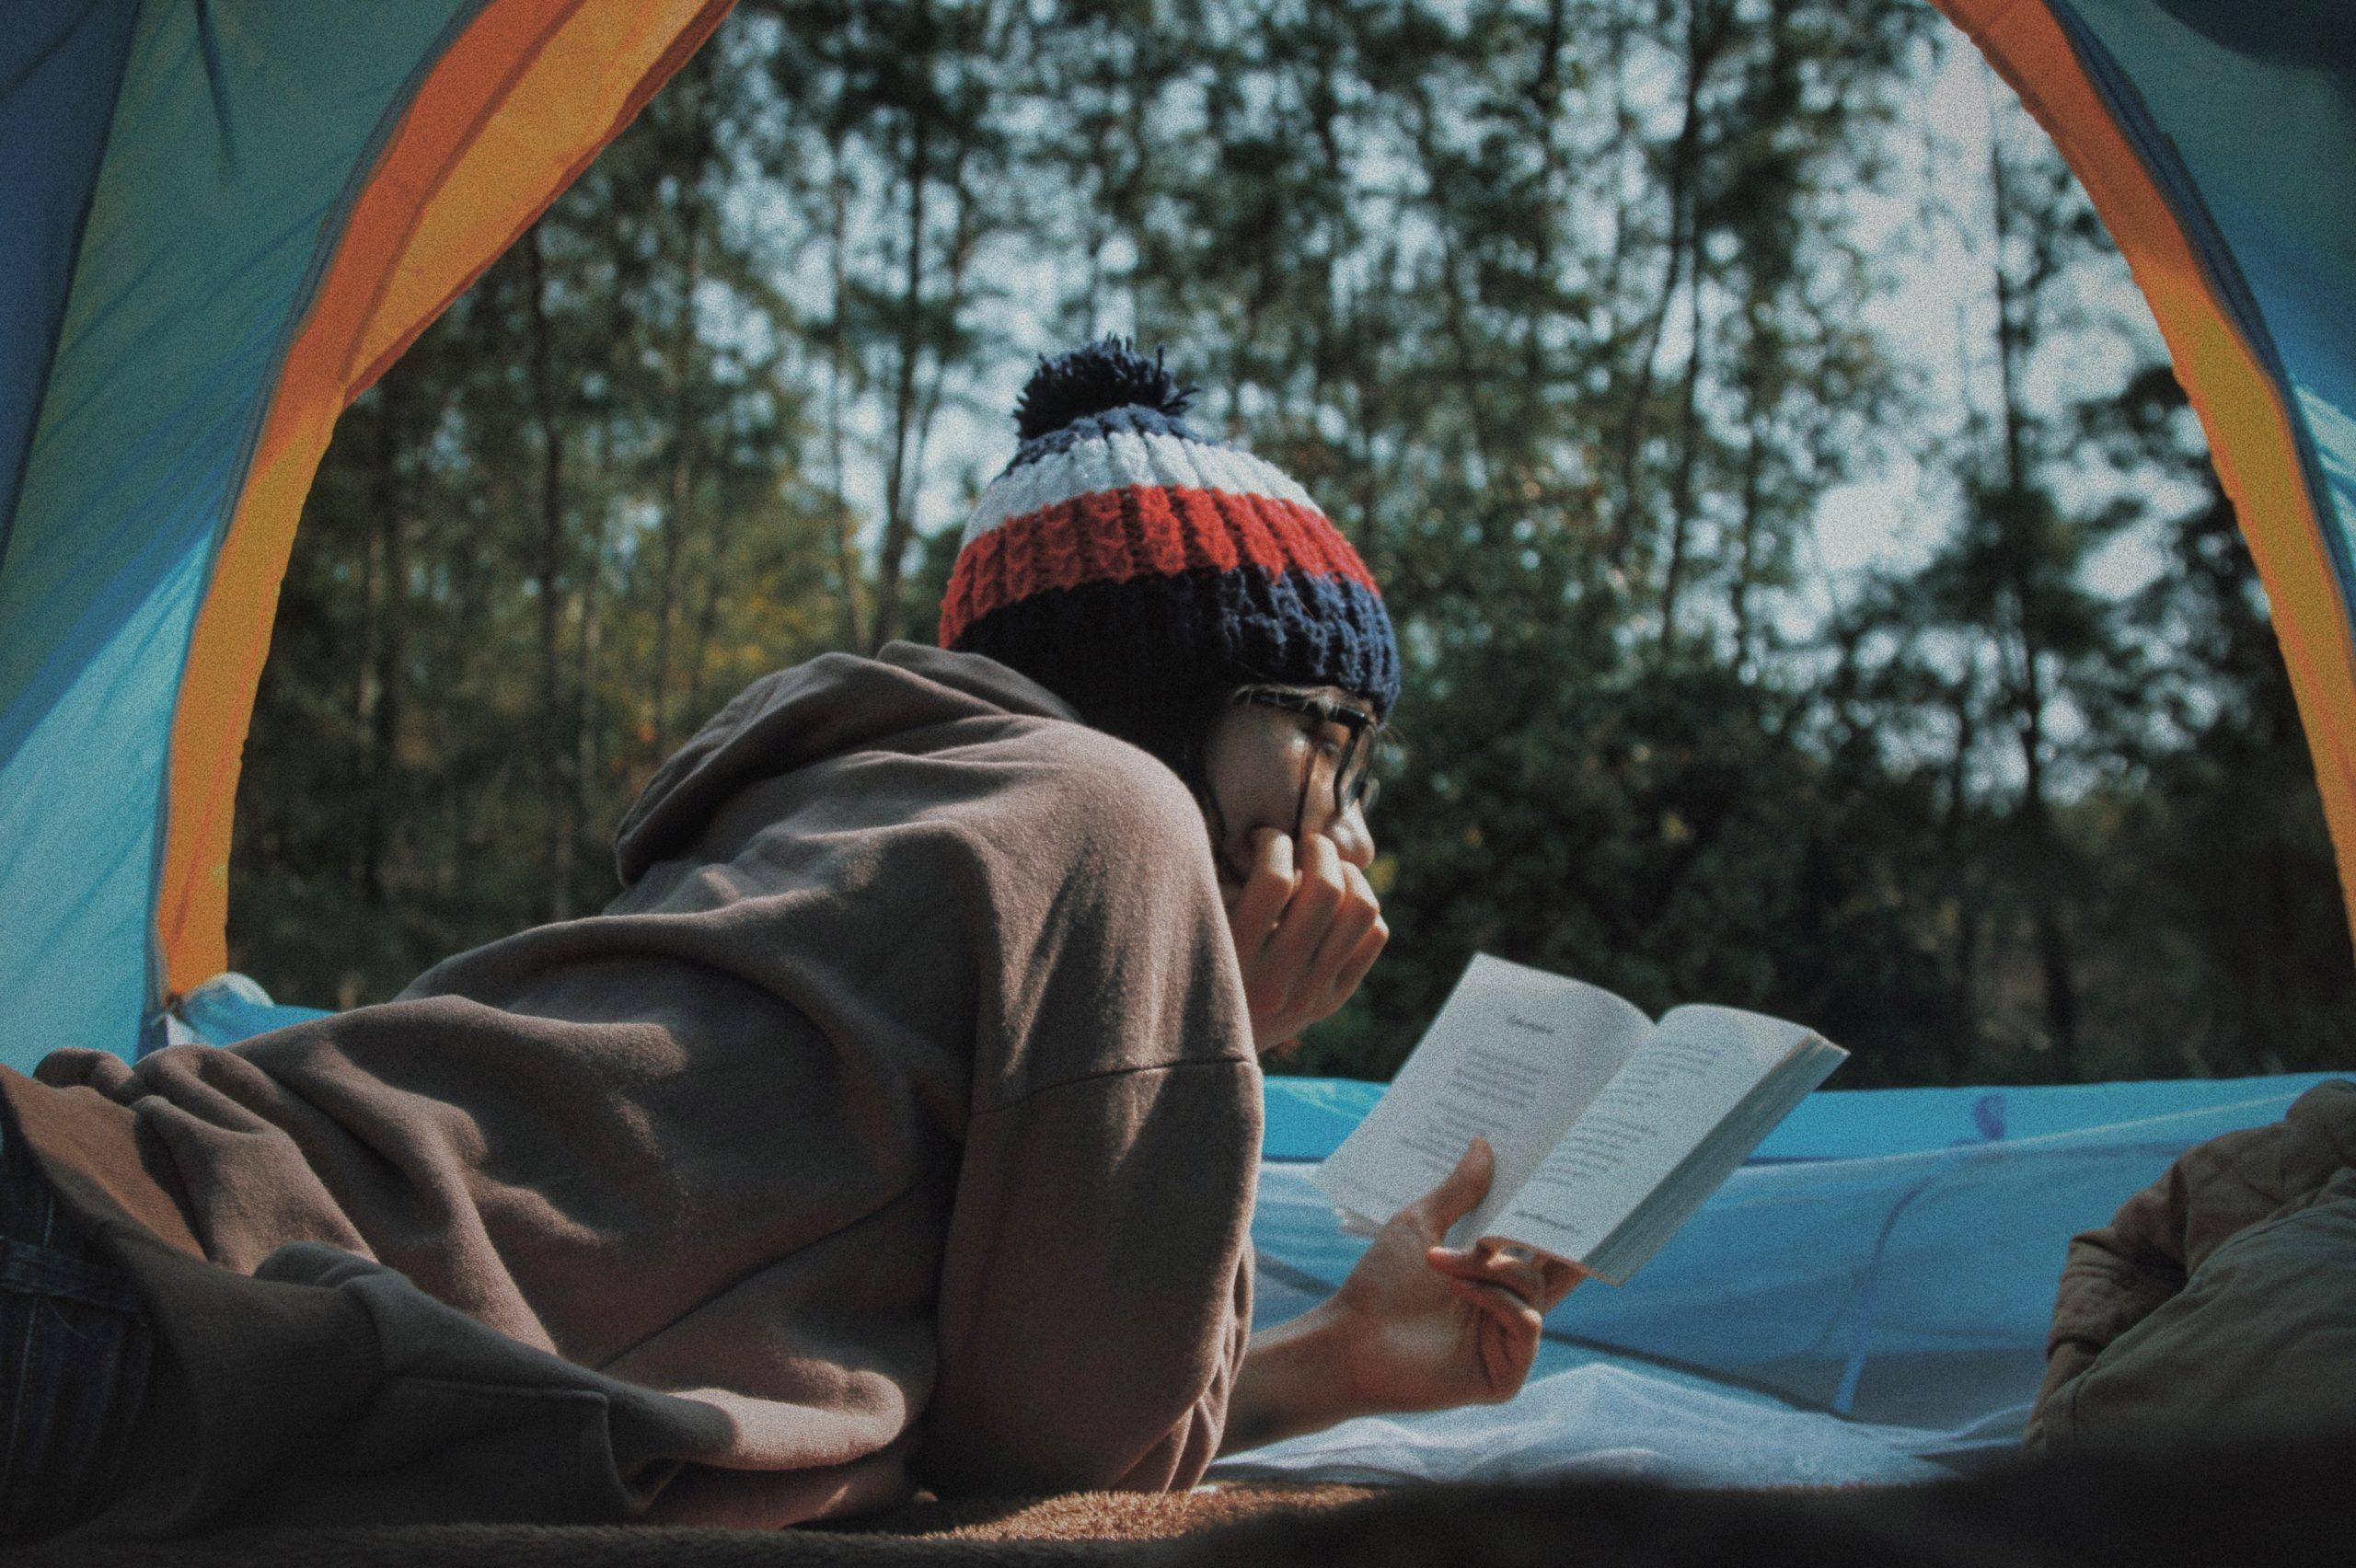 Ung kvinna ligger och läser en bok i ett tält